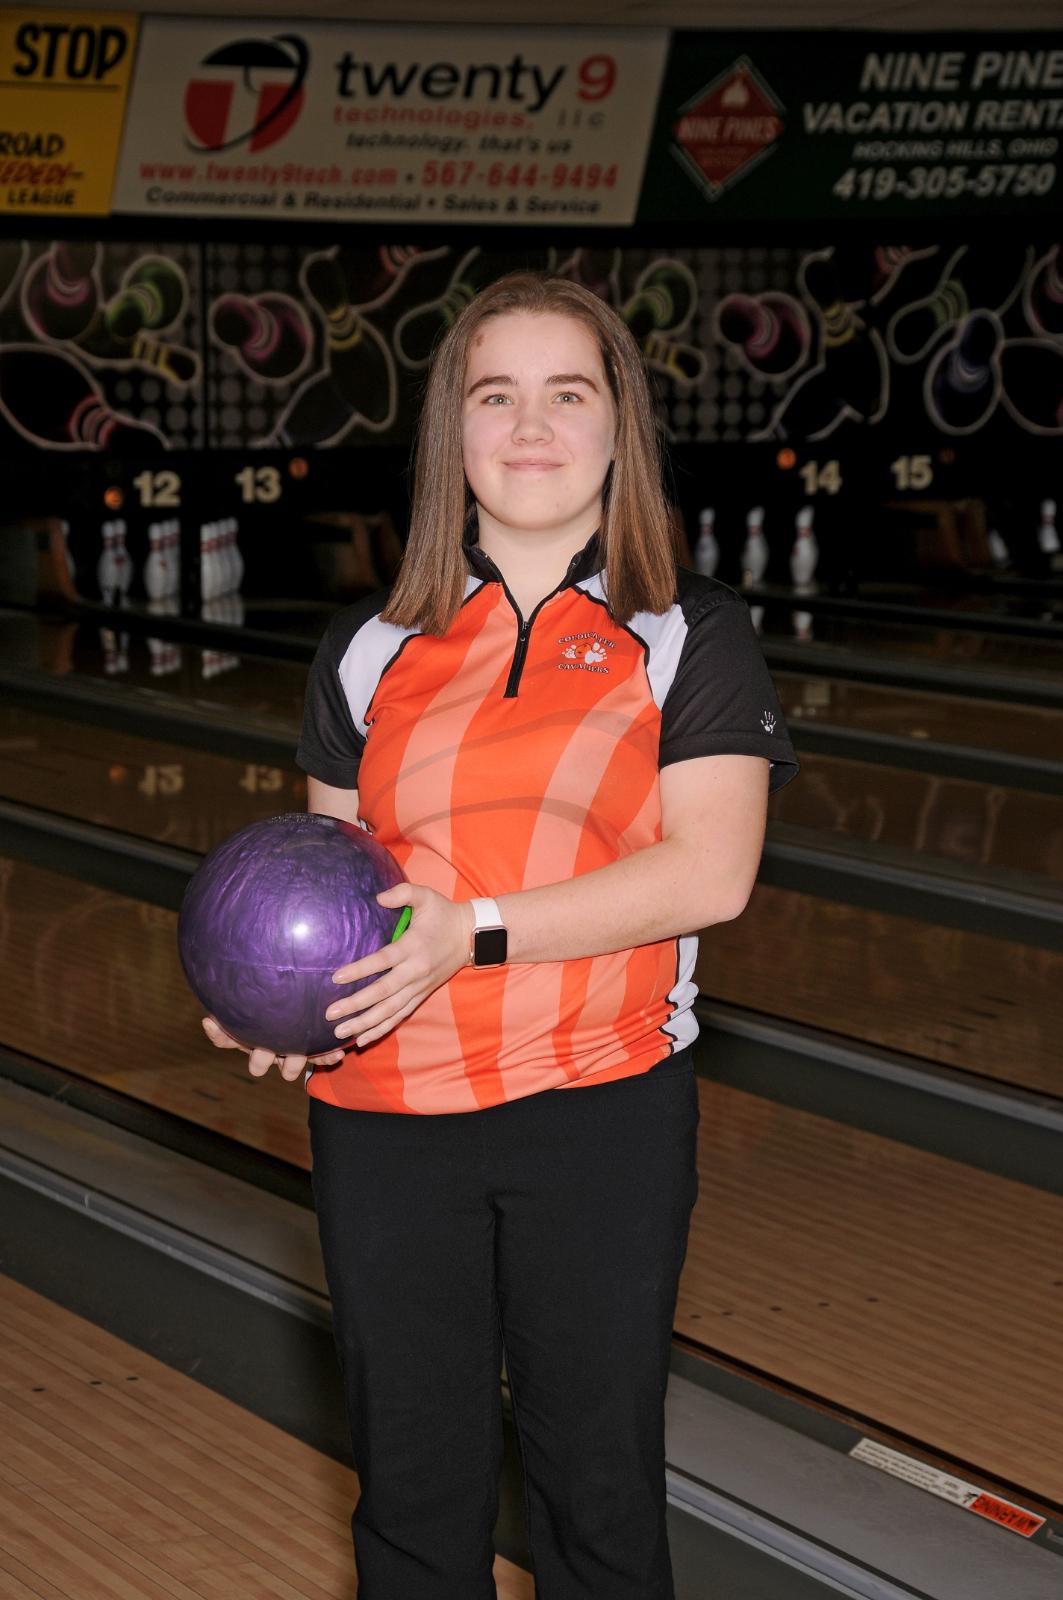 Alison Fox is this weeks Cavalier Spotlight Athlete of the Week